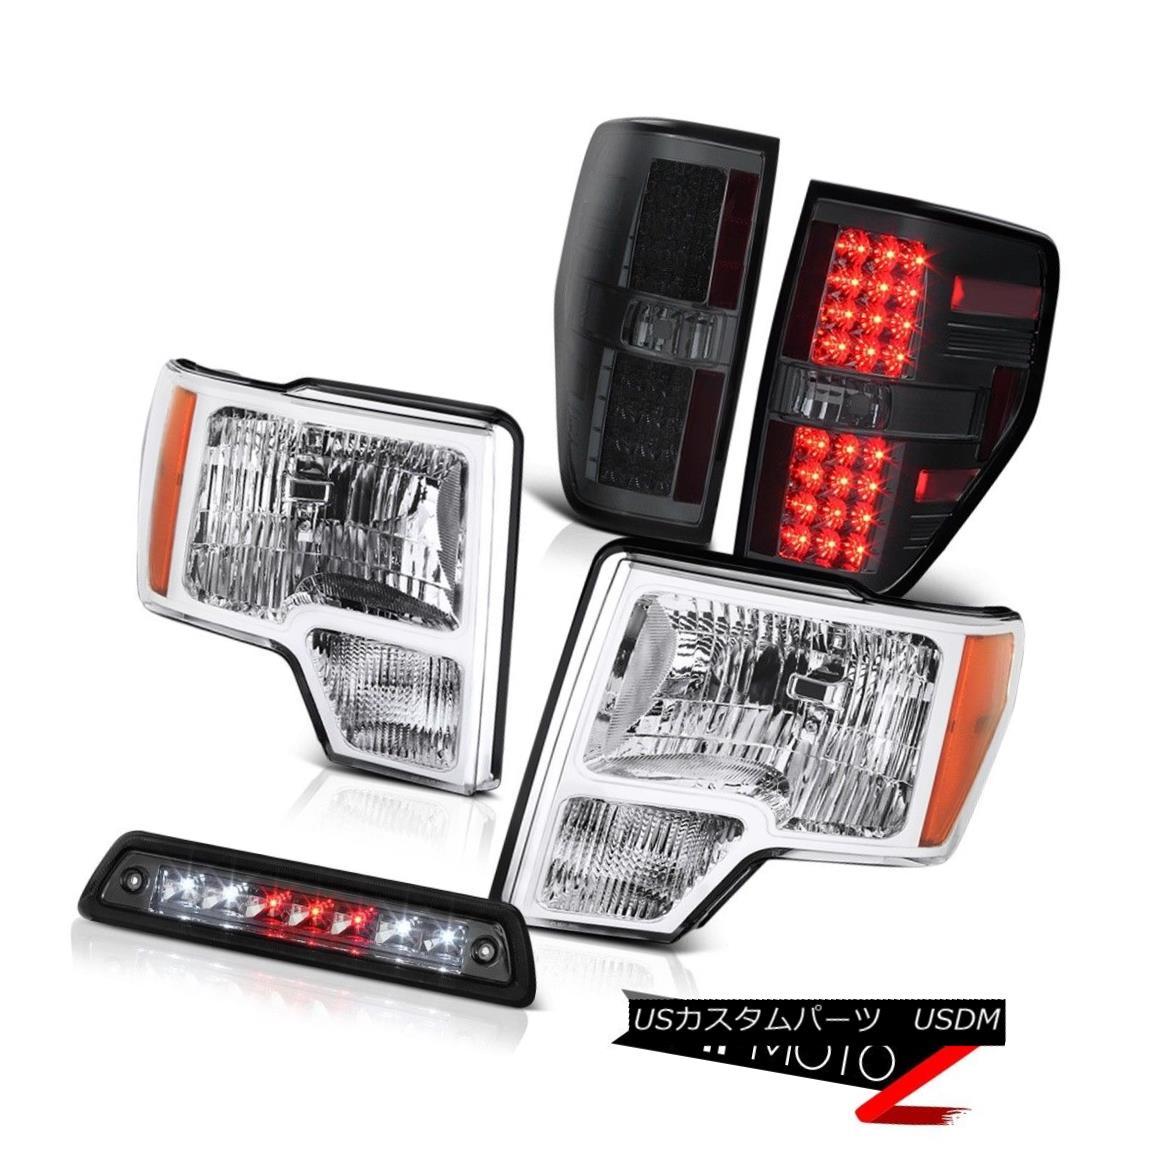 テールライト 2009-2014 F150 HARLEY DAVIDSON High stop lamp taillights headlamps Replacement 2009-2014 F150ハーレーダビドンハイストップランプテールライトヘッドランプ交換